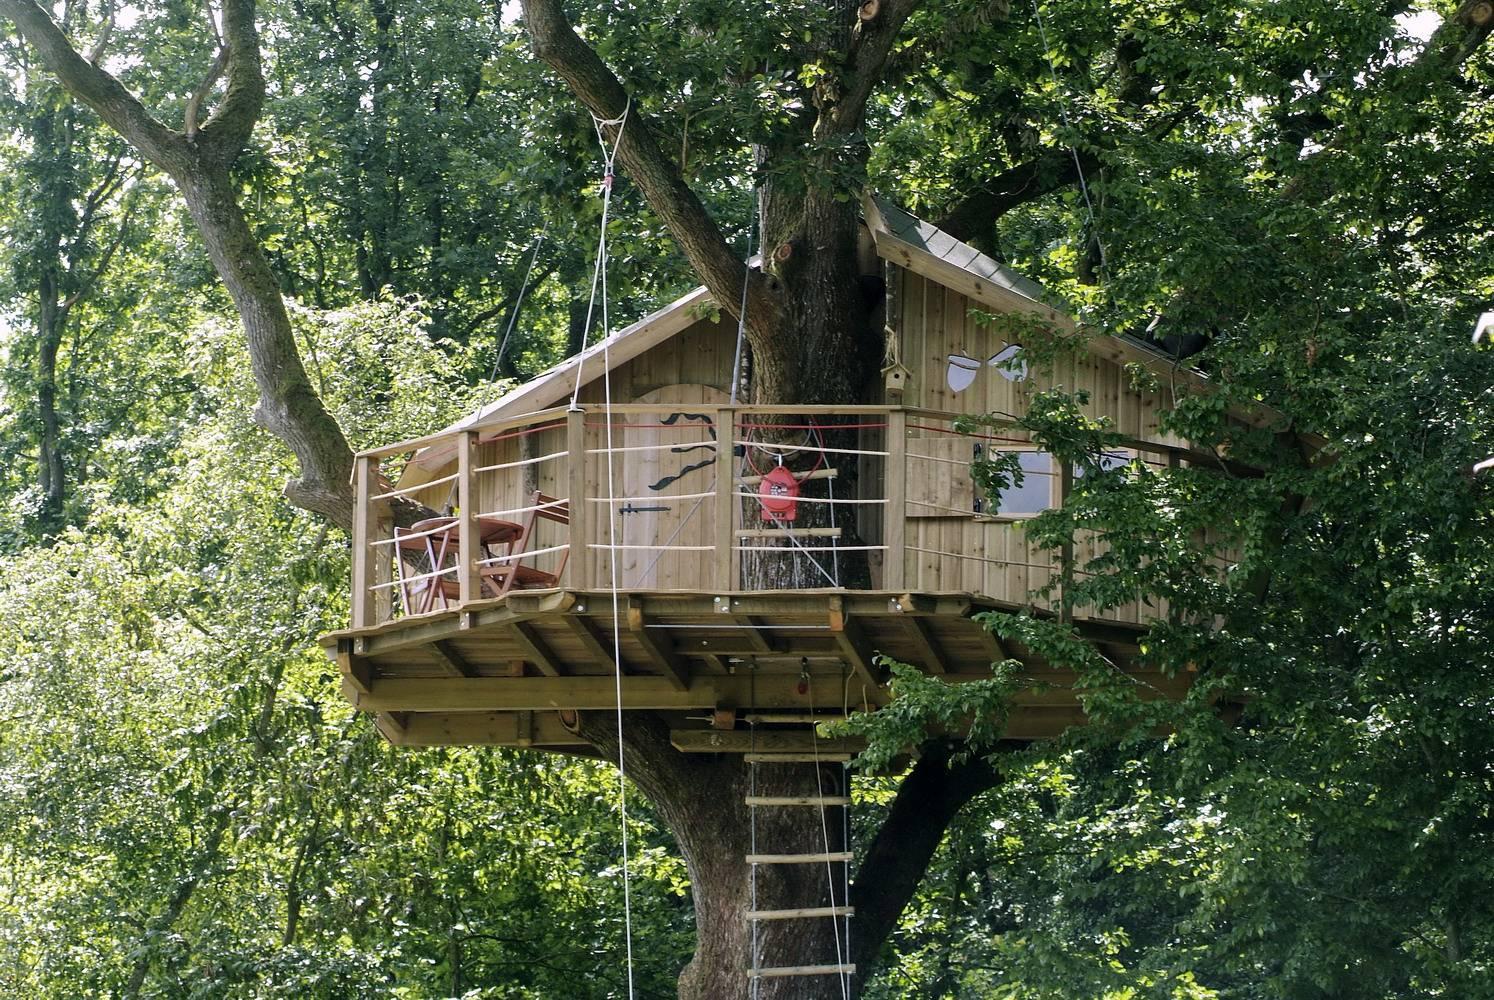 cabane oiseaux cabanes dans les arbres dans le perche